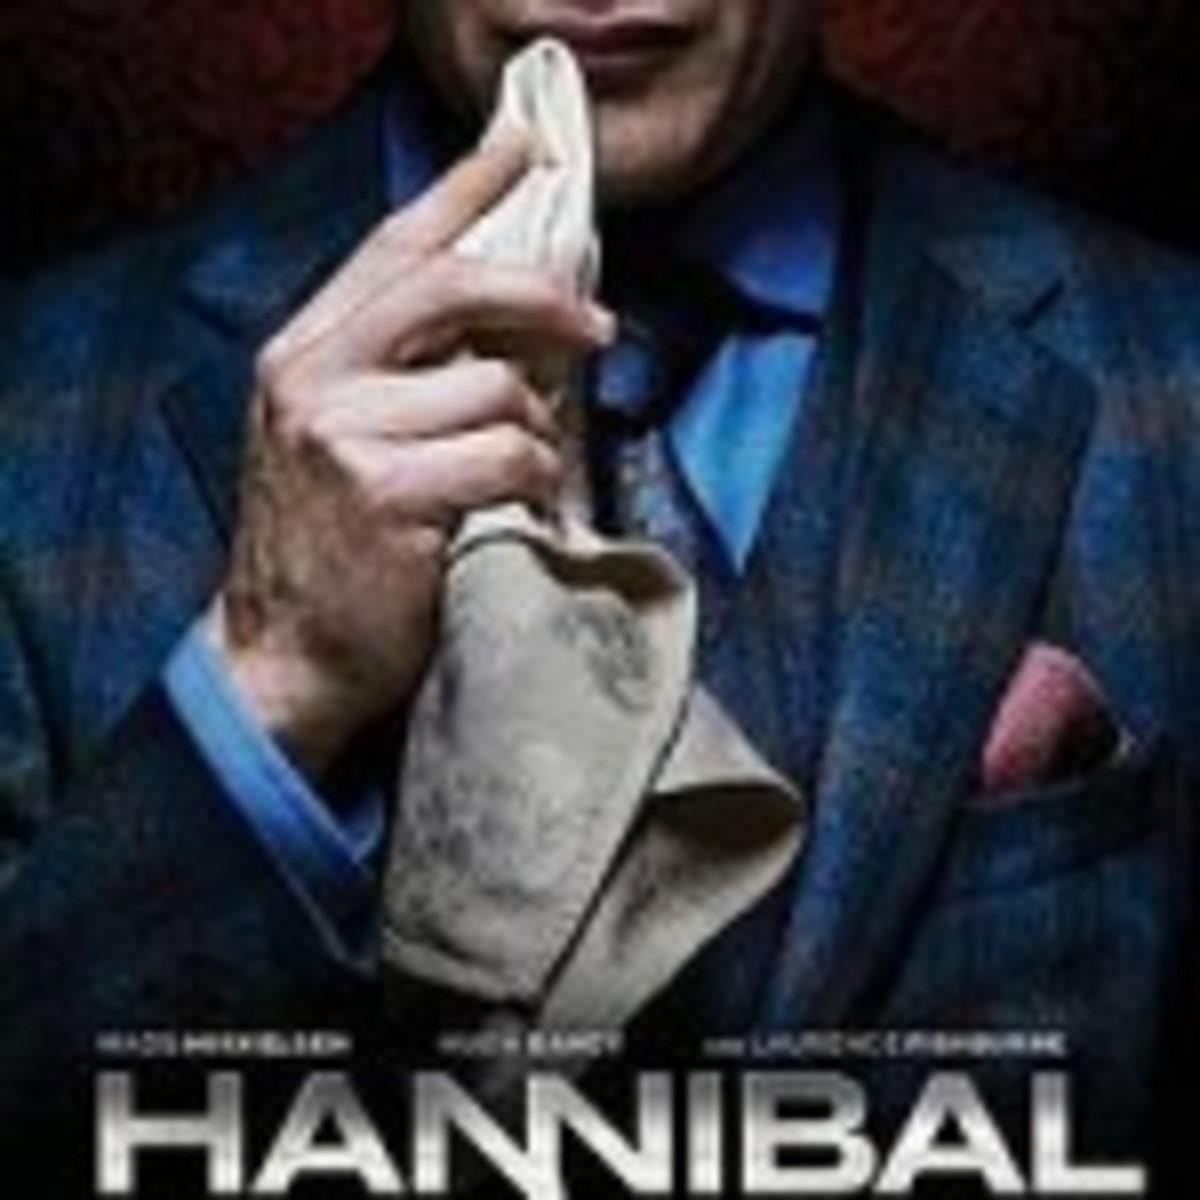 TV Show Hannibal villain